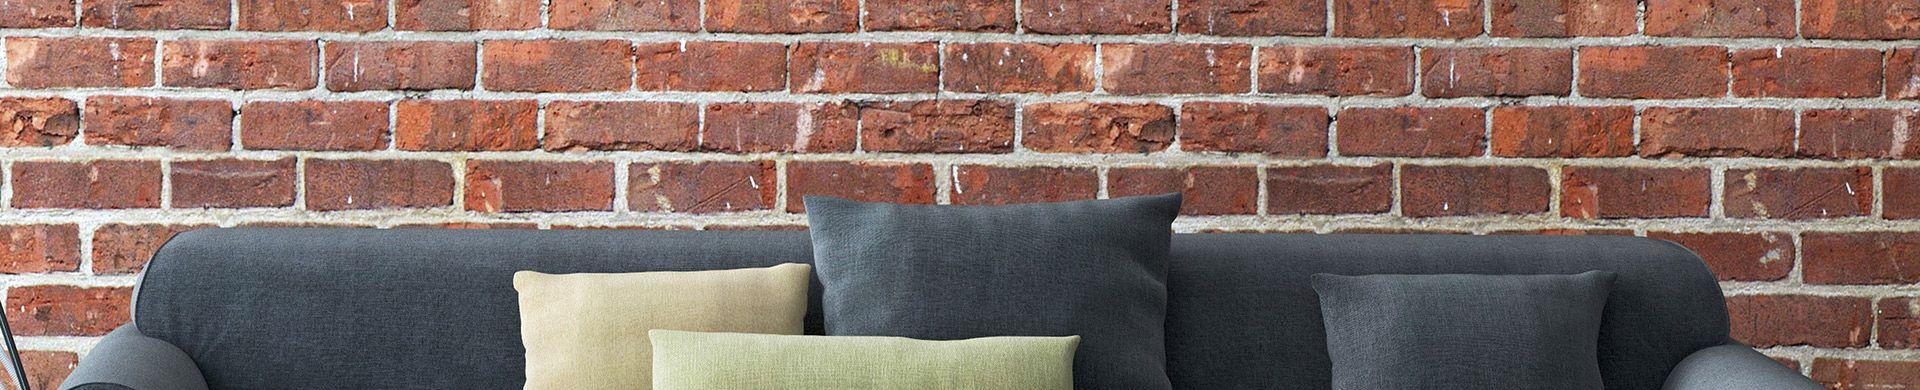 Muri in mattoni a vista sul perch arredare con i mattoni fabulous download riparazione della - Mattoni faccia vista per interni ...